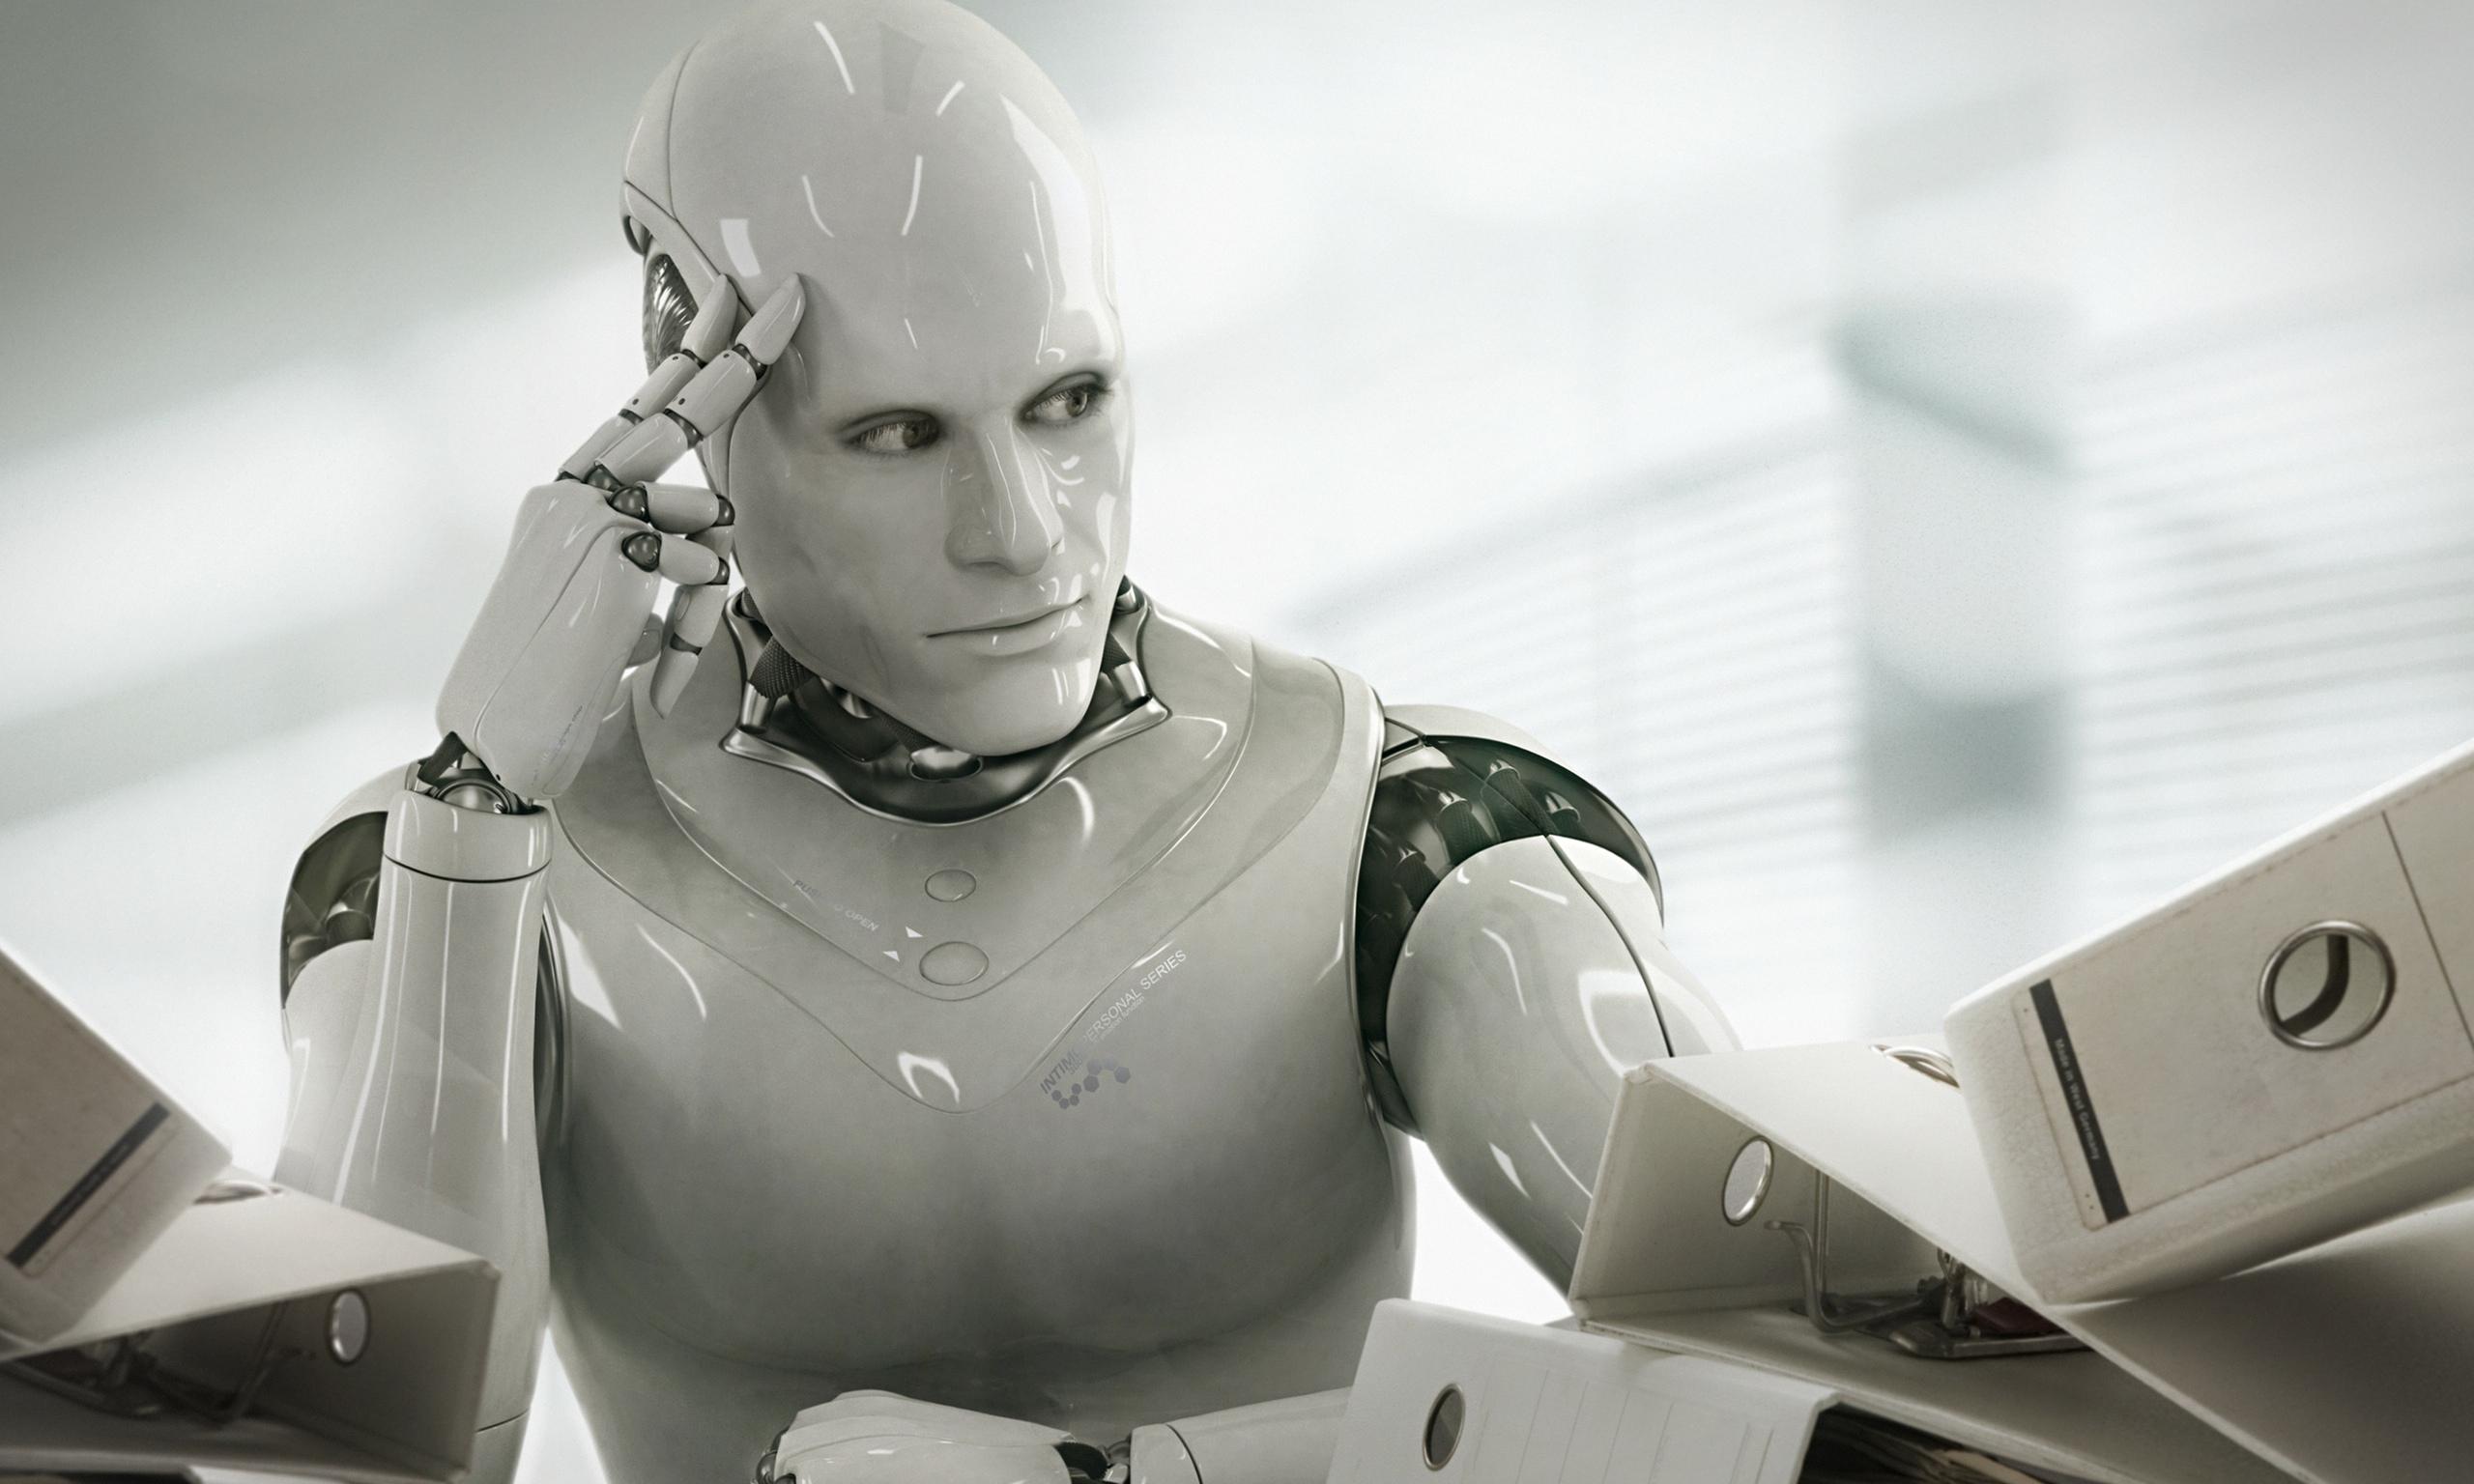 Секс робот в действии 13 фотография